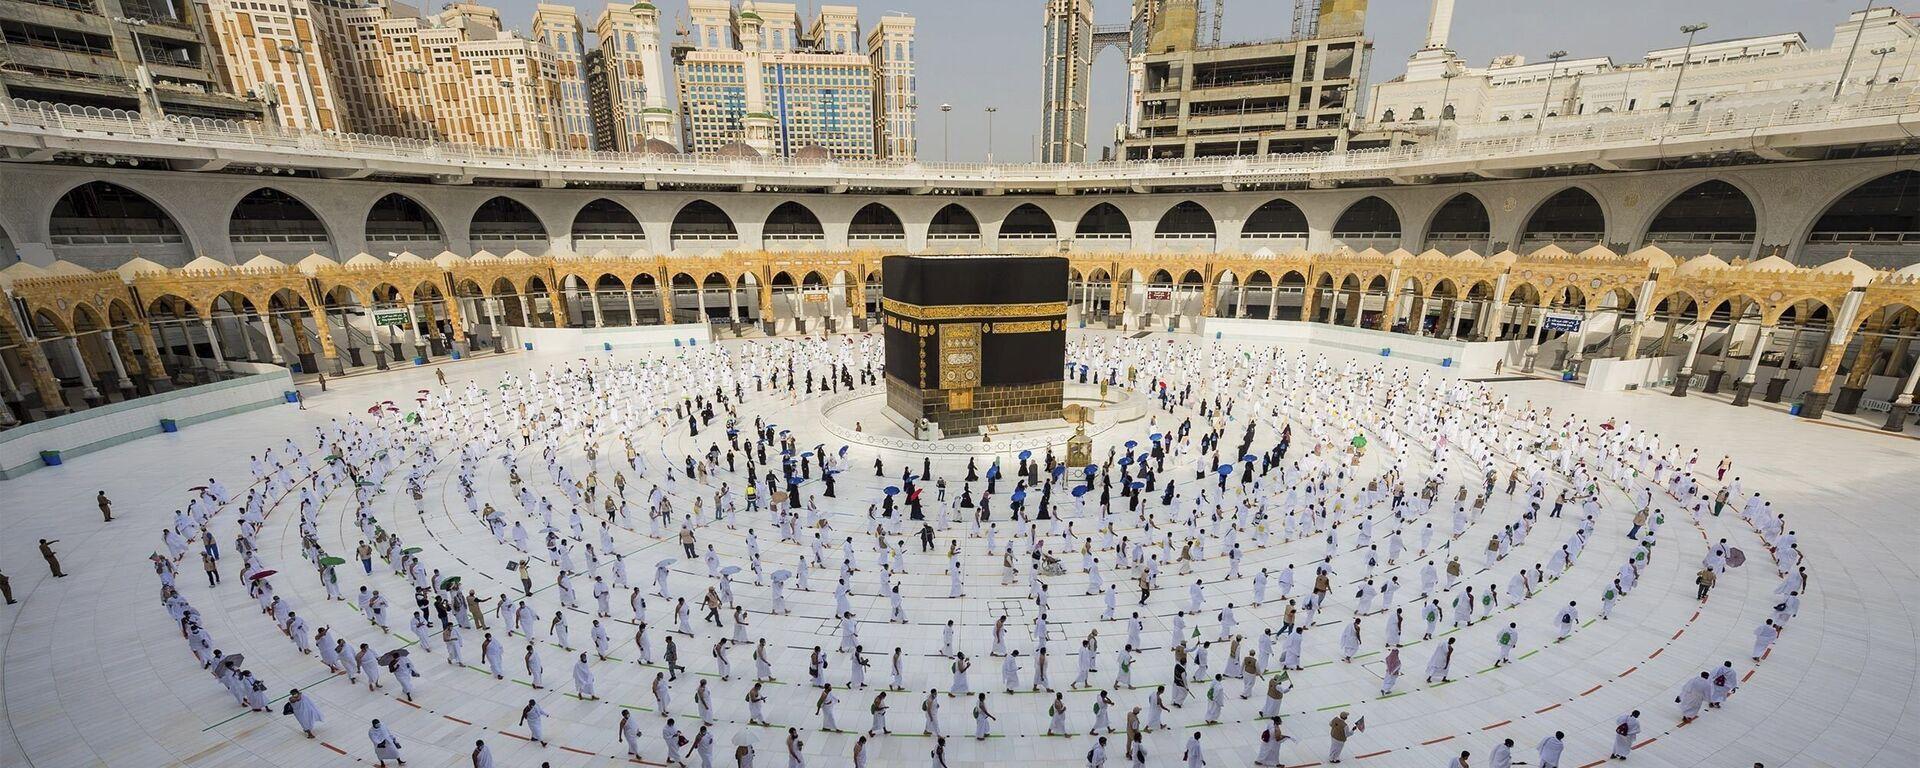 Паломники гуляют вокруг Каббы в Большой мечети в городе Мекка - Sputnik Тоҷикистон, 1920, 06.04.2021